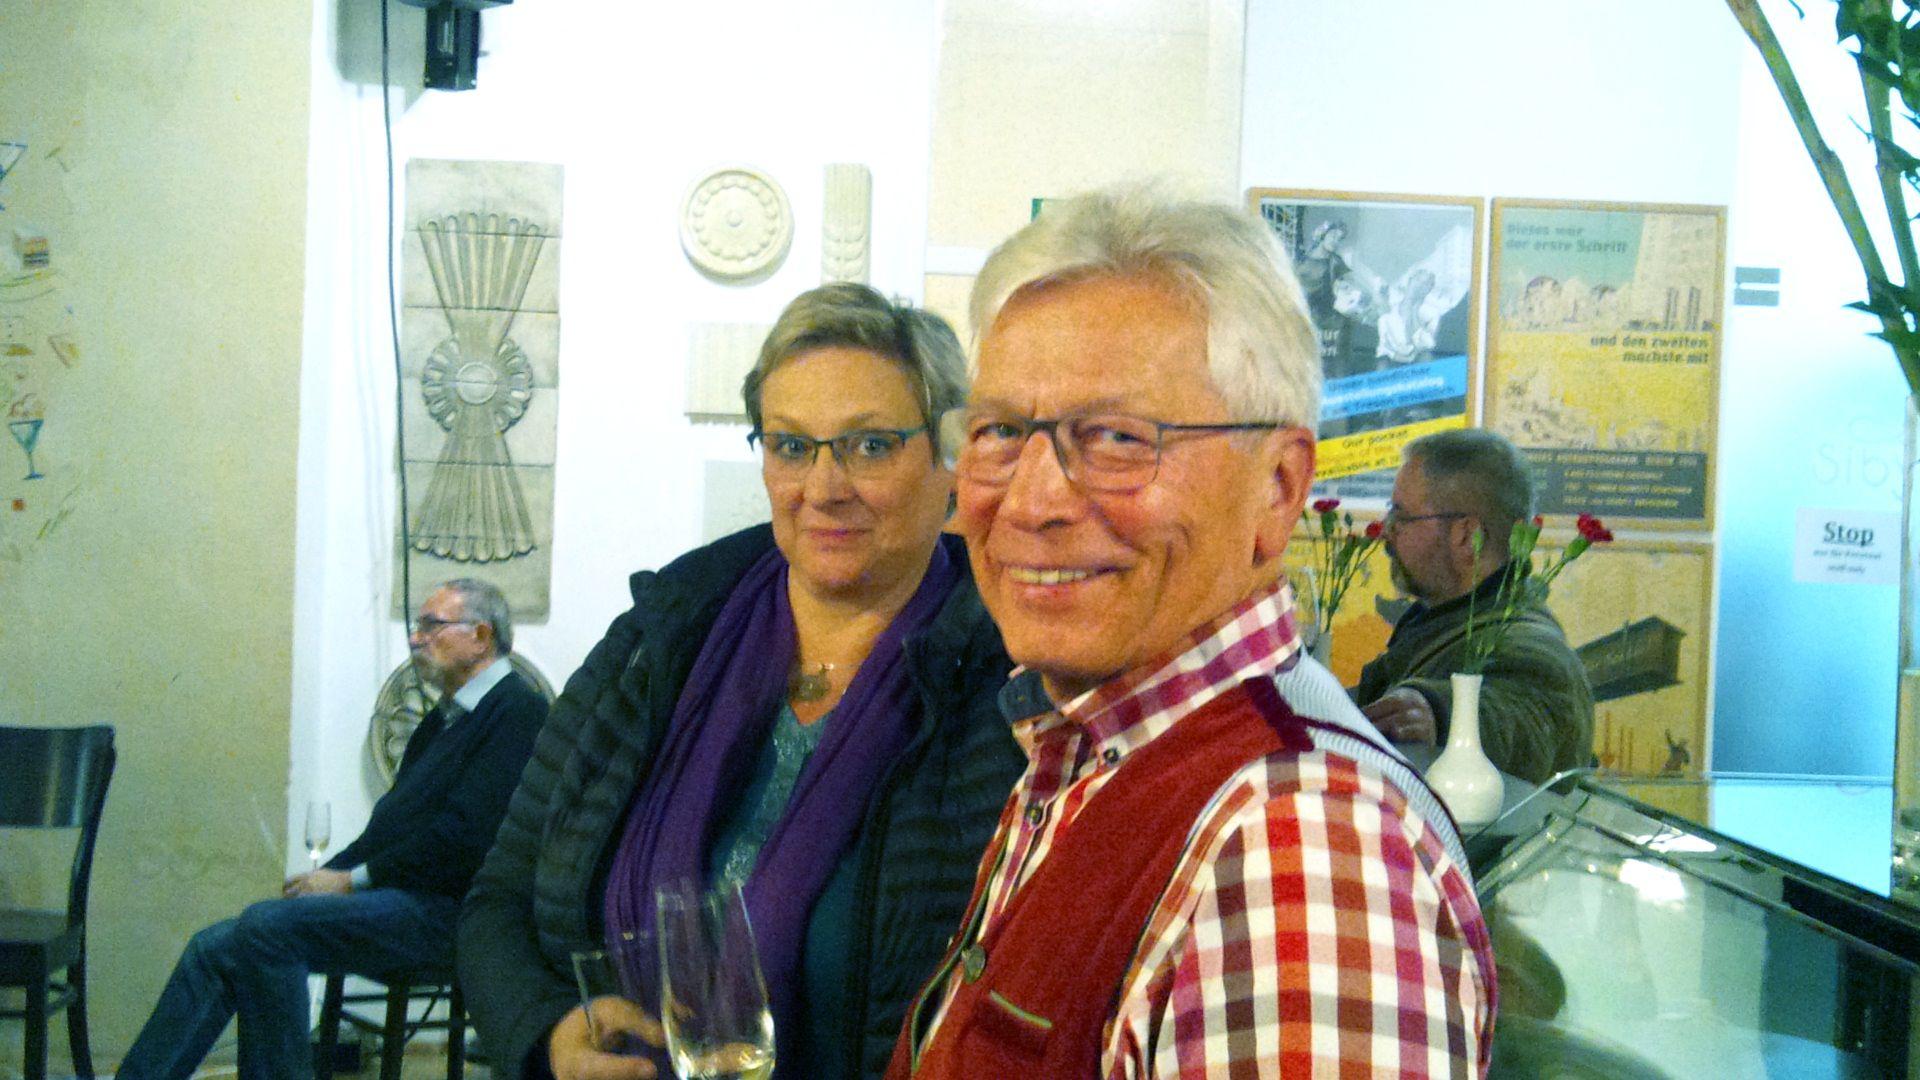 Iris Lier und Norbert Bogedein